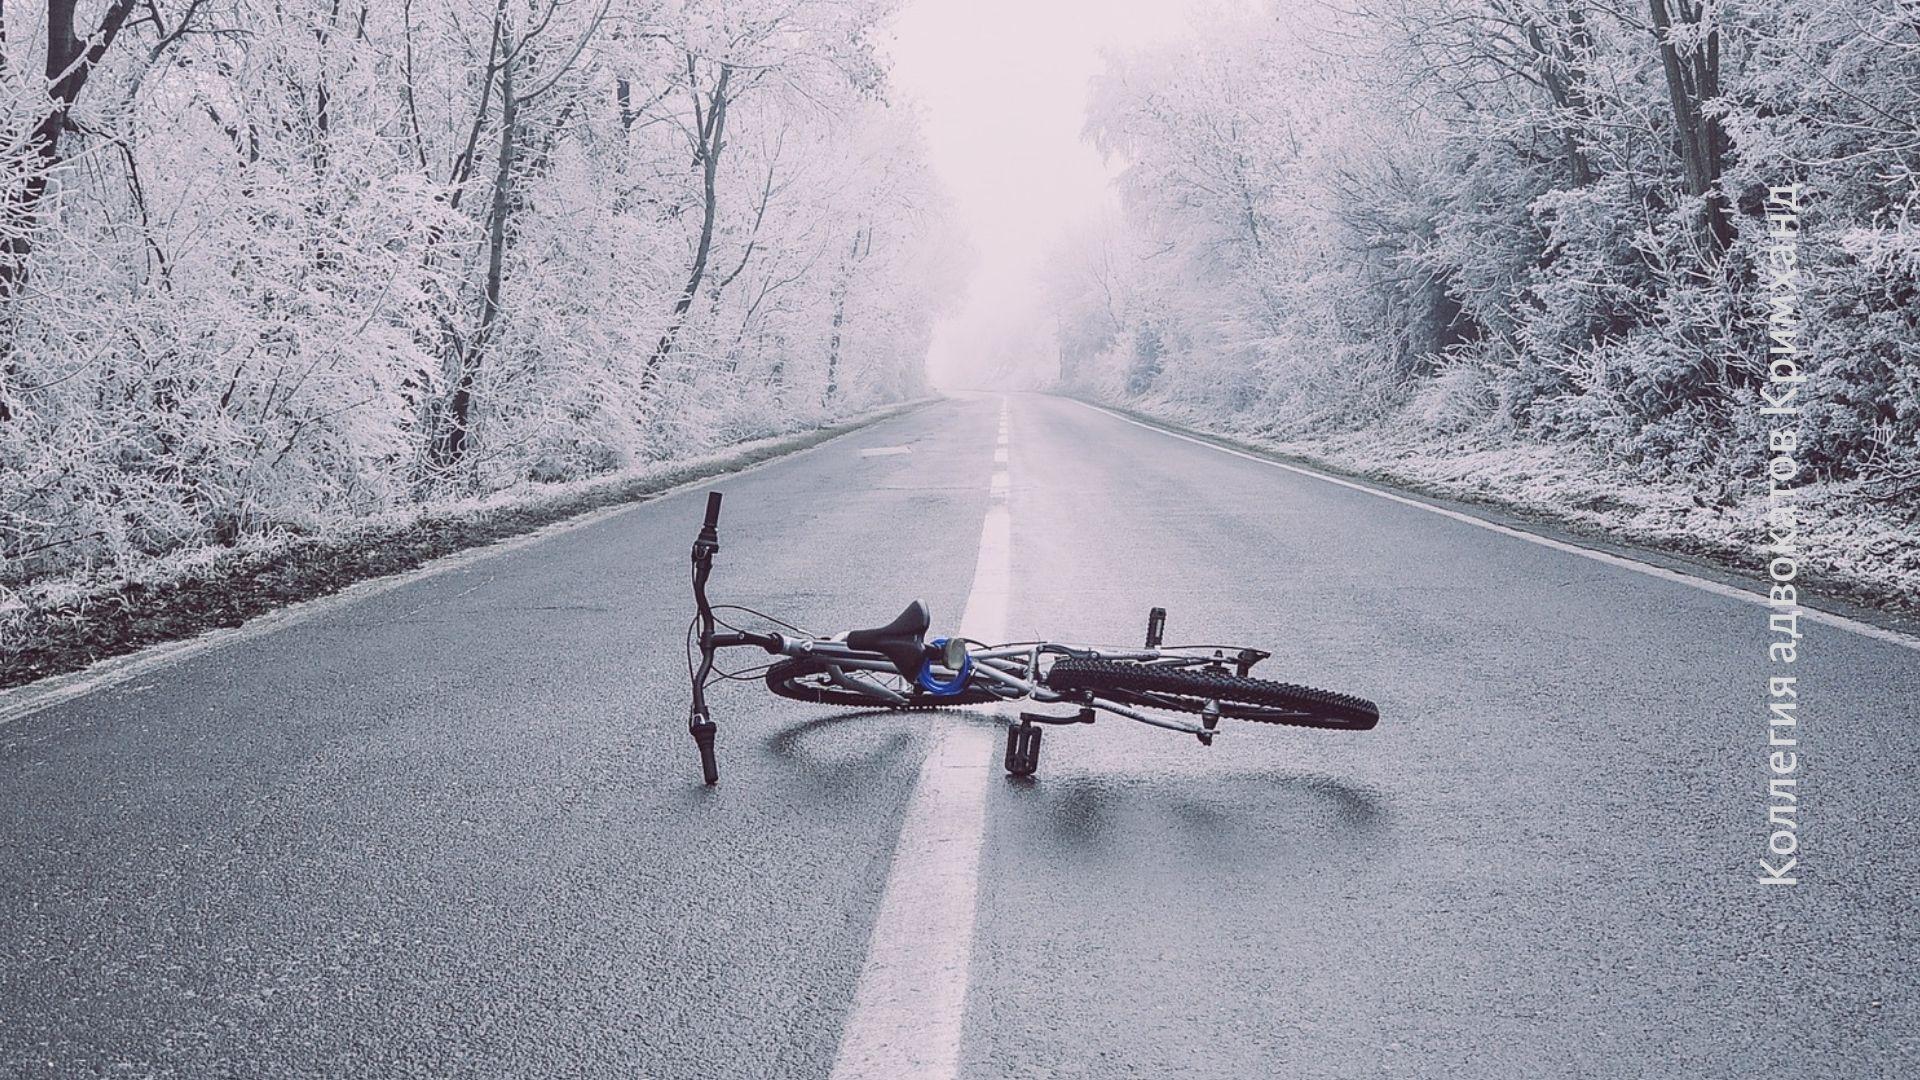 Компенсация за ущерб при падении велосипедиста из-за абразивной смеси на дороге [Решение суда]